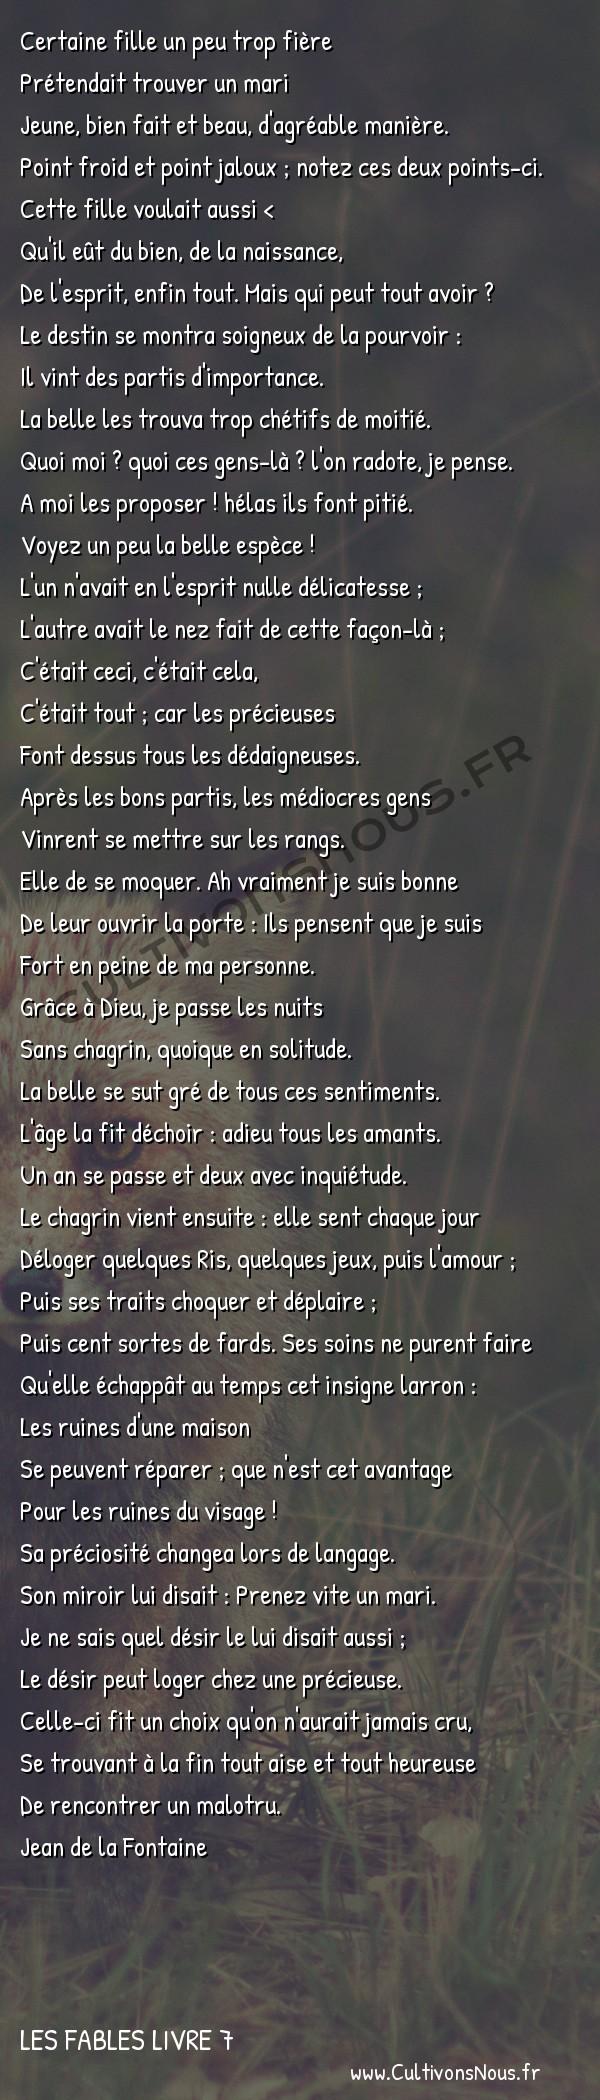 Fables Jean de la Fontaine - Les fables Livre 7 - La Fille -   Certaine fille un peu trop fière Prétendait trouver un mari